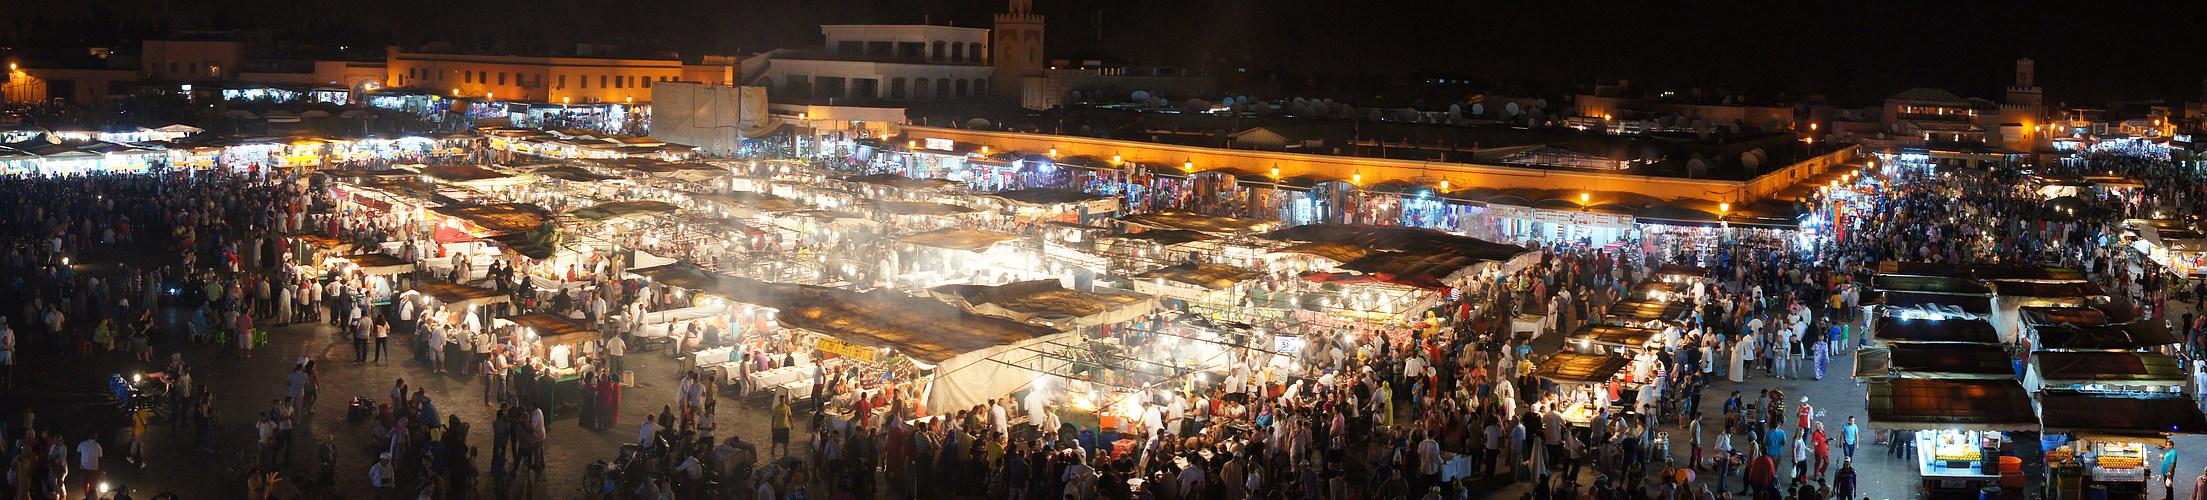 Abend in Marrakesh